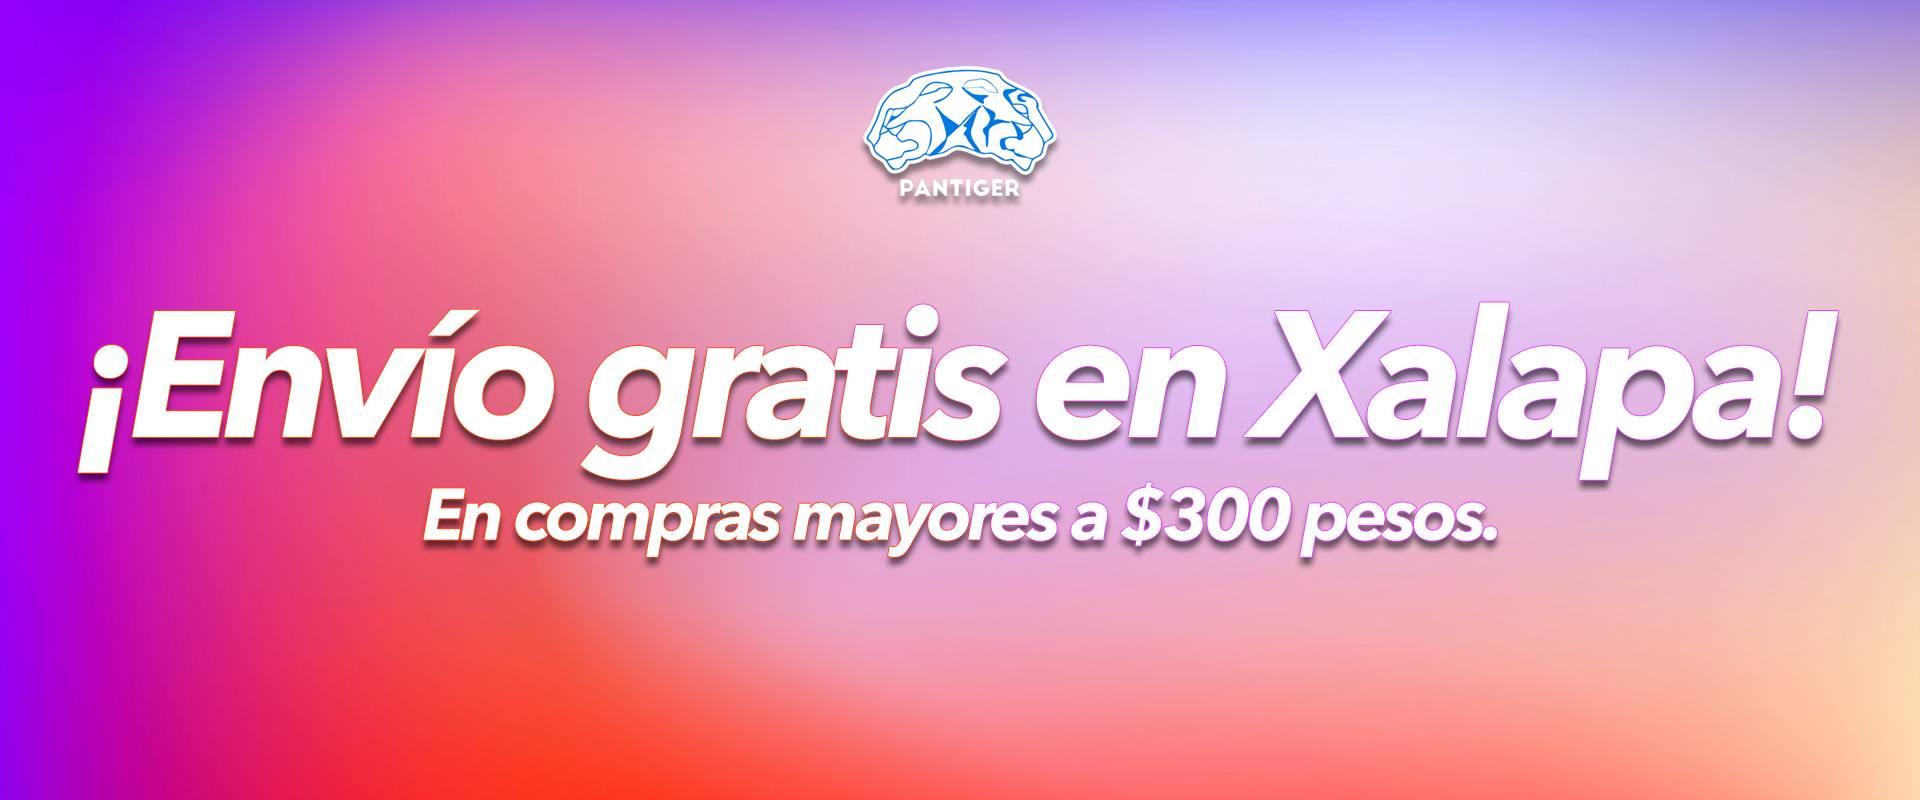 ¡Envío gratis en Xalapa!